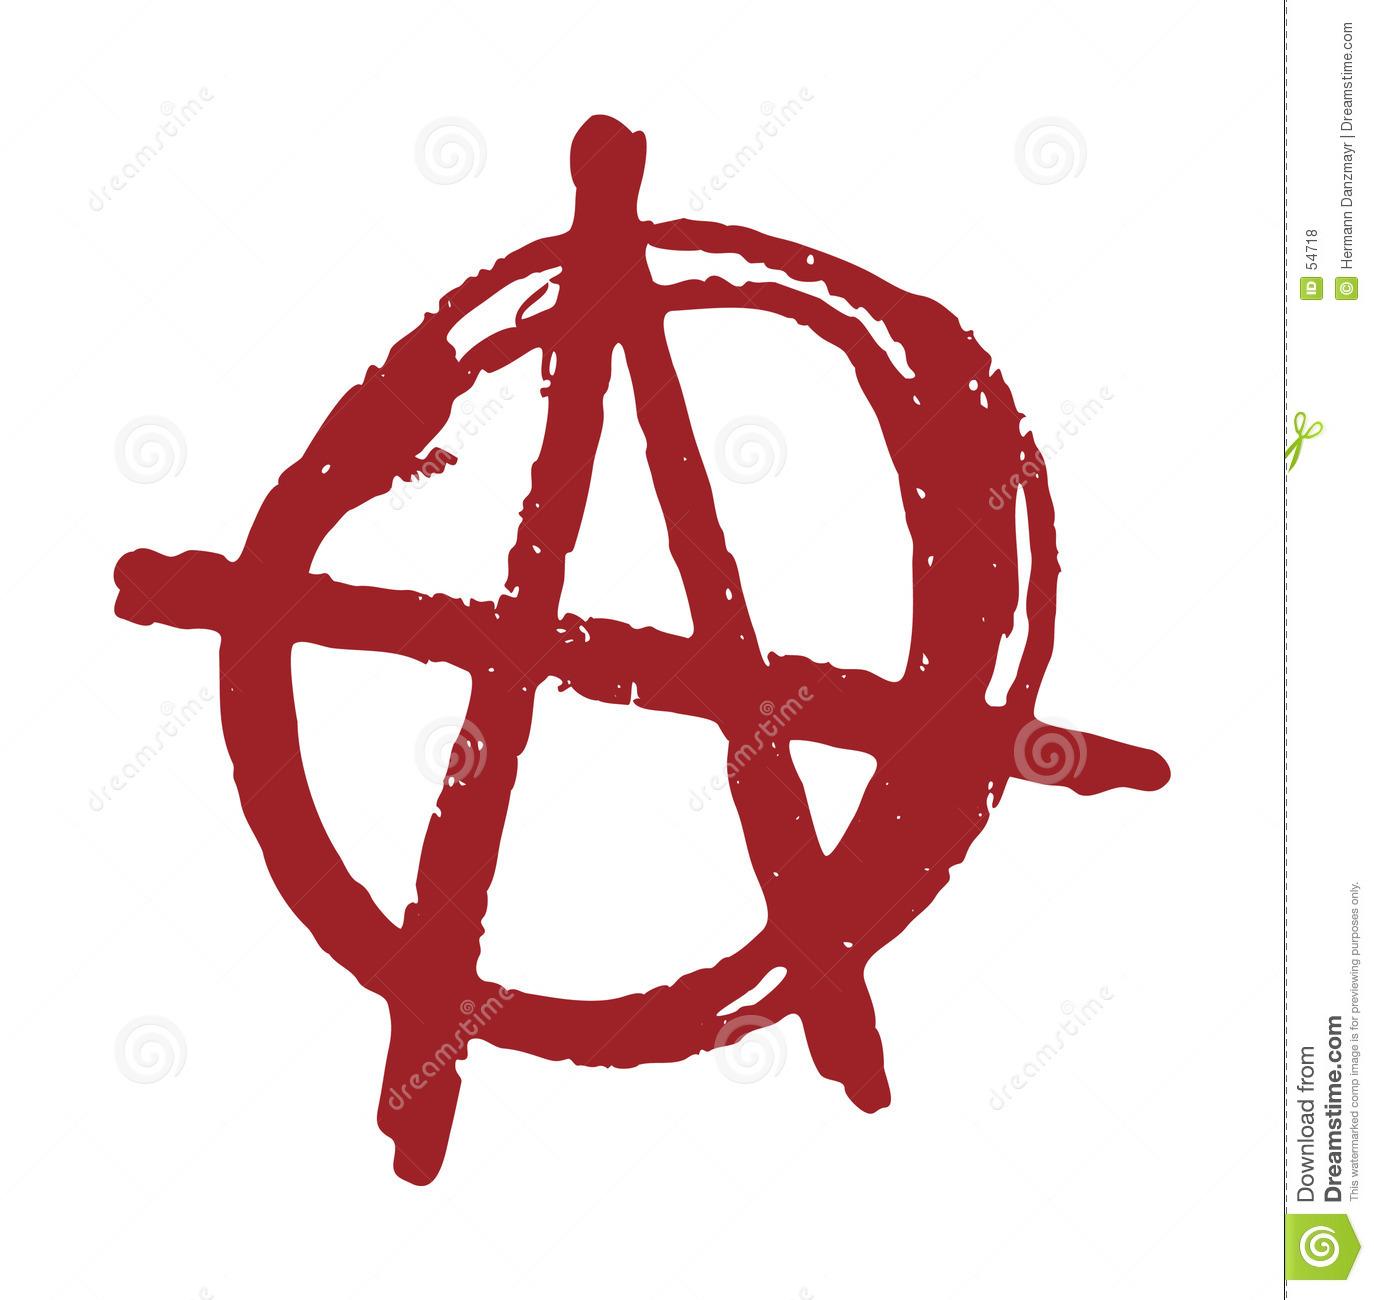 Punk clipart symbol Panda Clipart anarchist%20clipart Anarchist Images